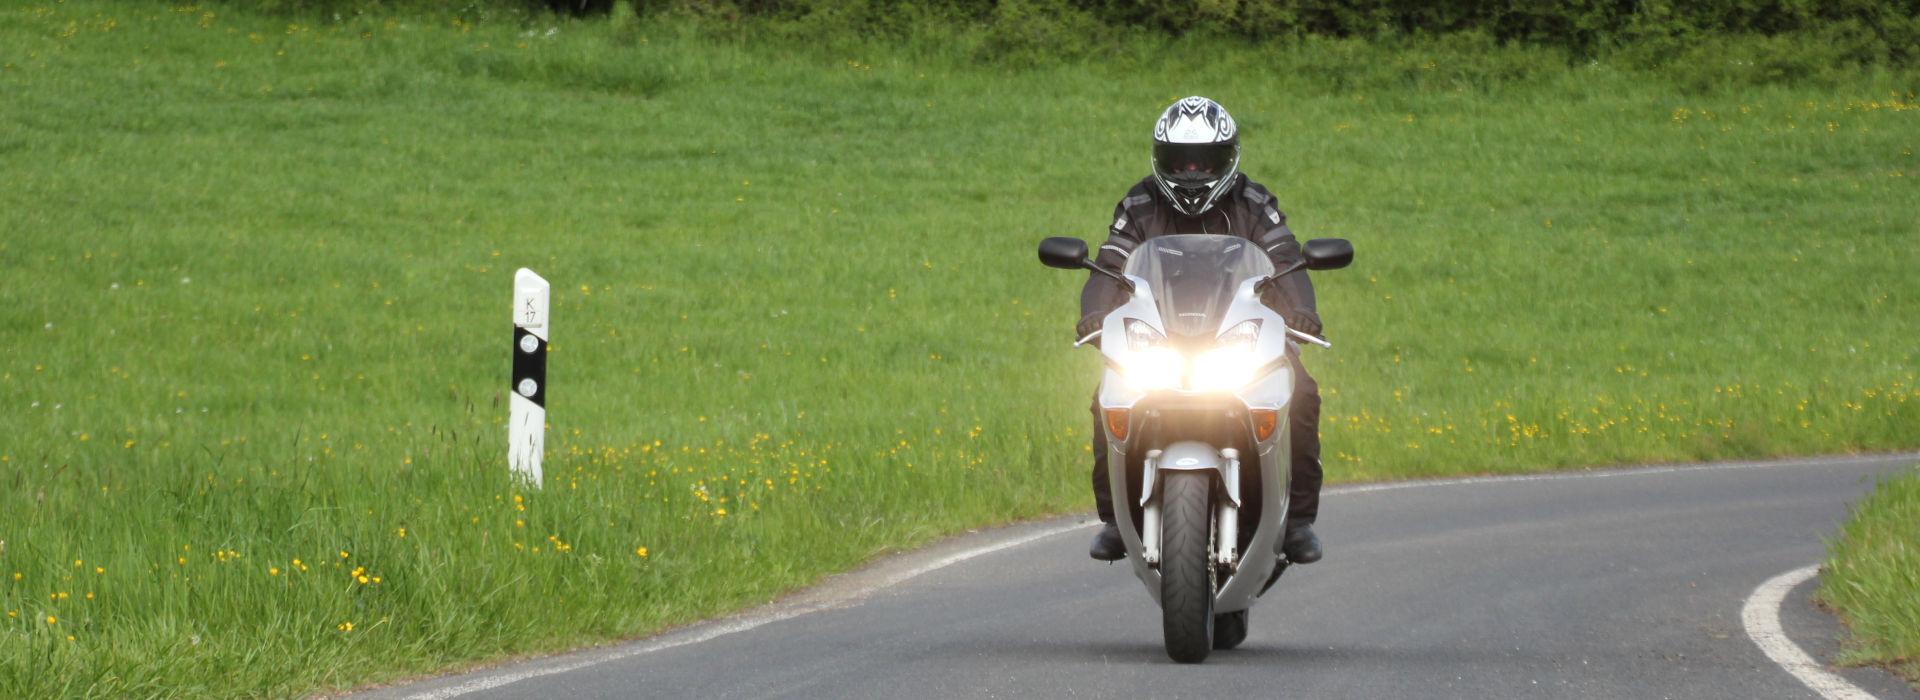 Motorrijschool Motorrijbewijspoint Nieuwerkerk aan den IJssel motorrijlessen